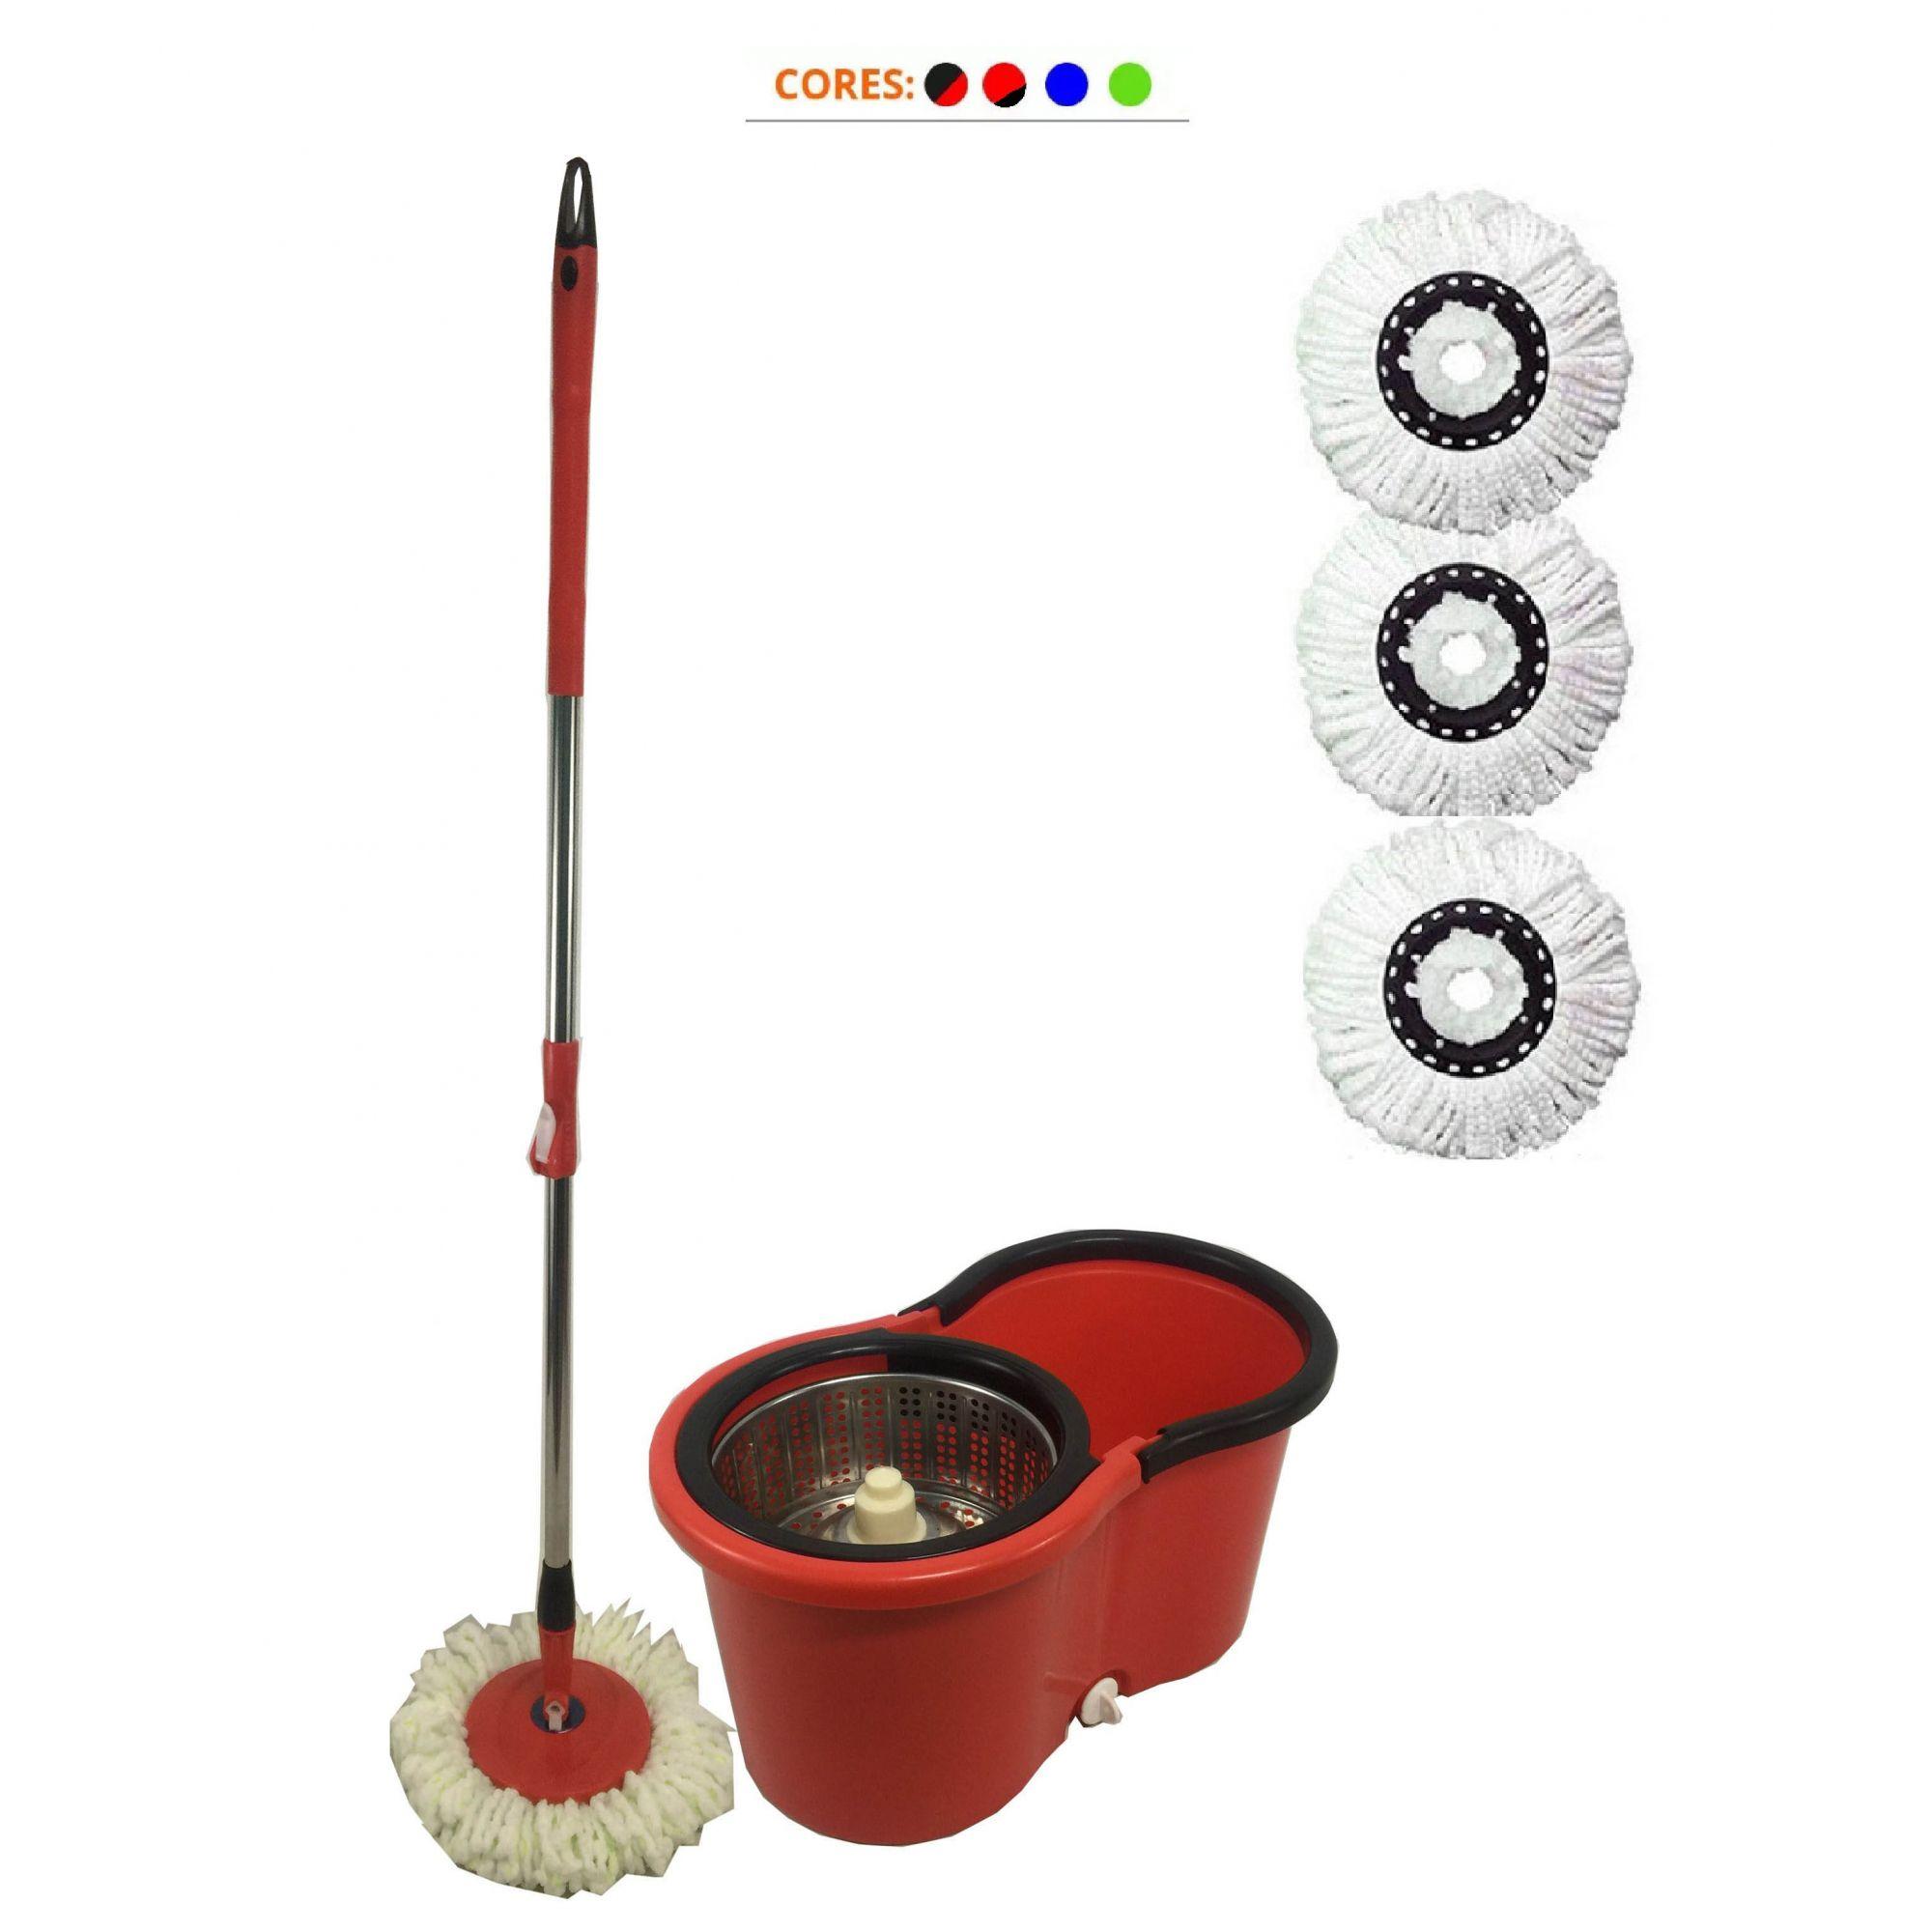 balde mop centrífuga Inox Cabo 1.30m com tampão e 3 refis